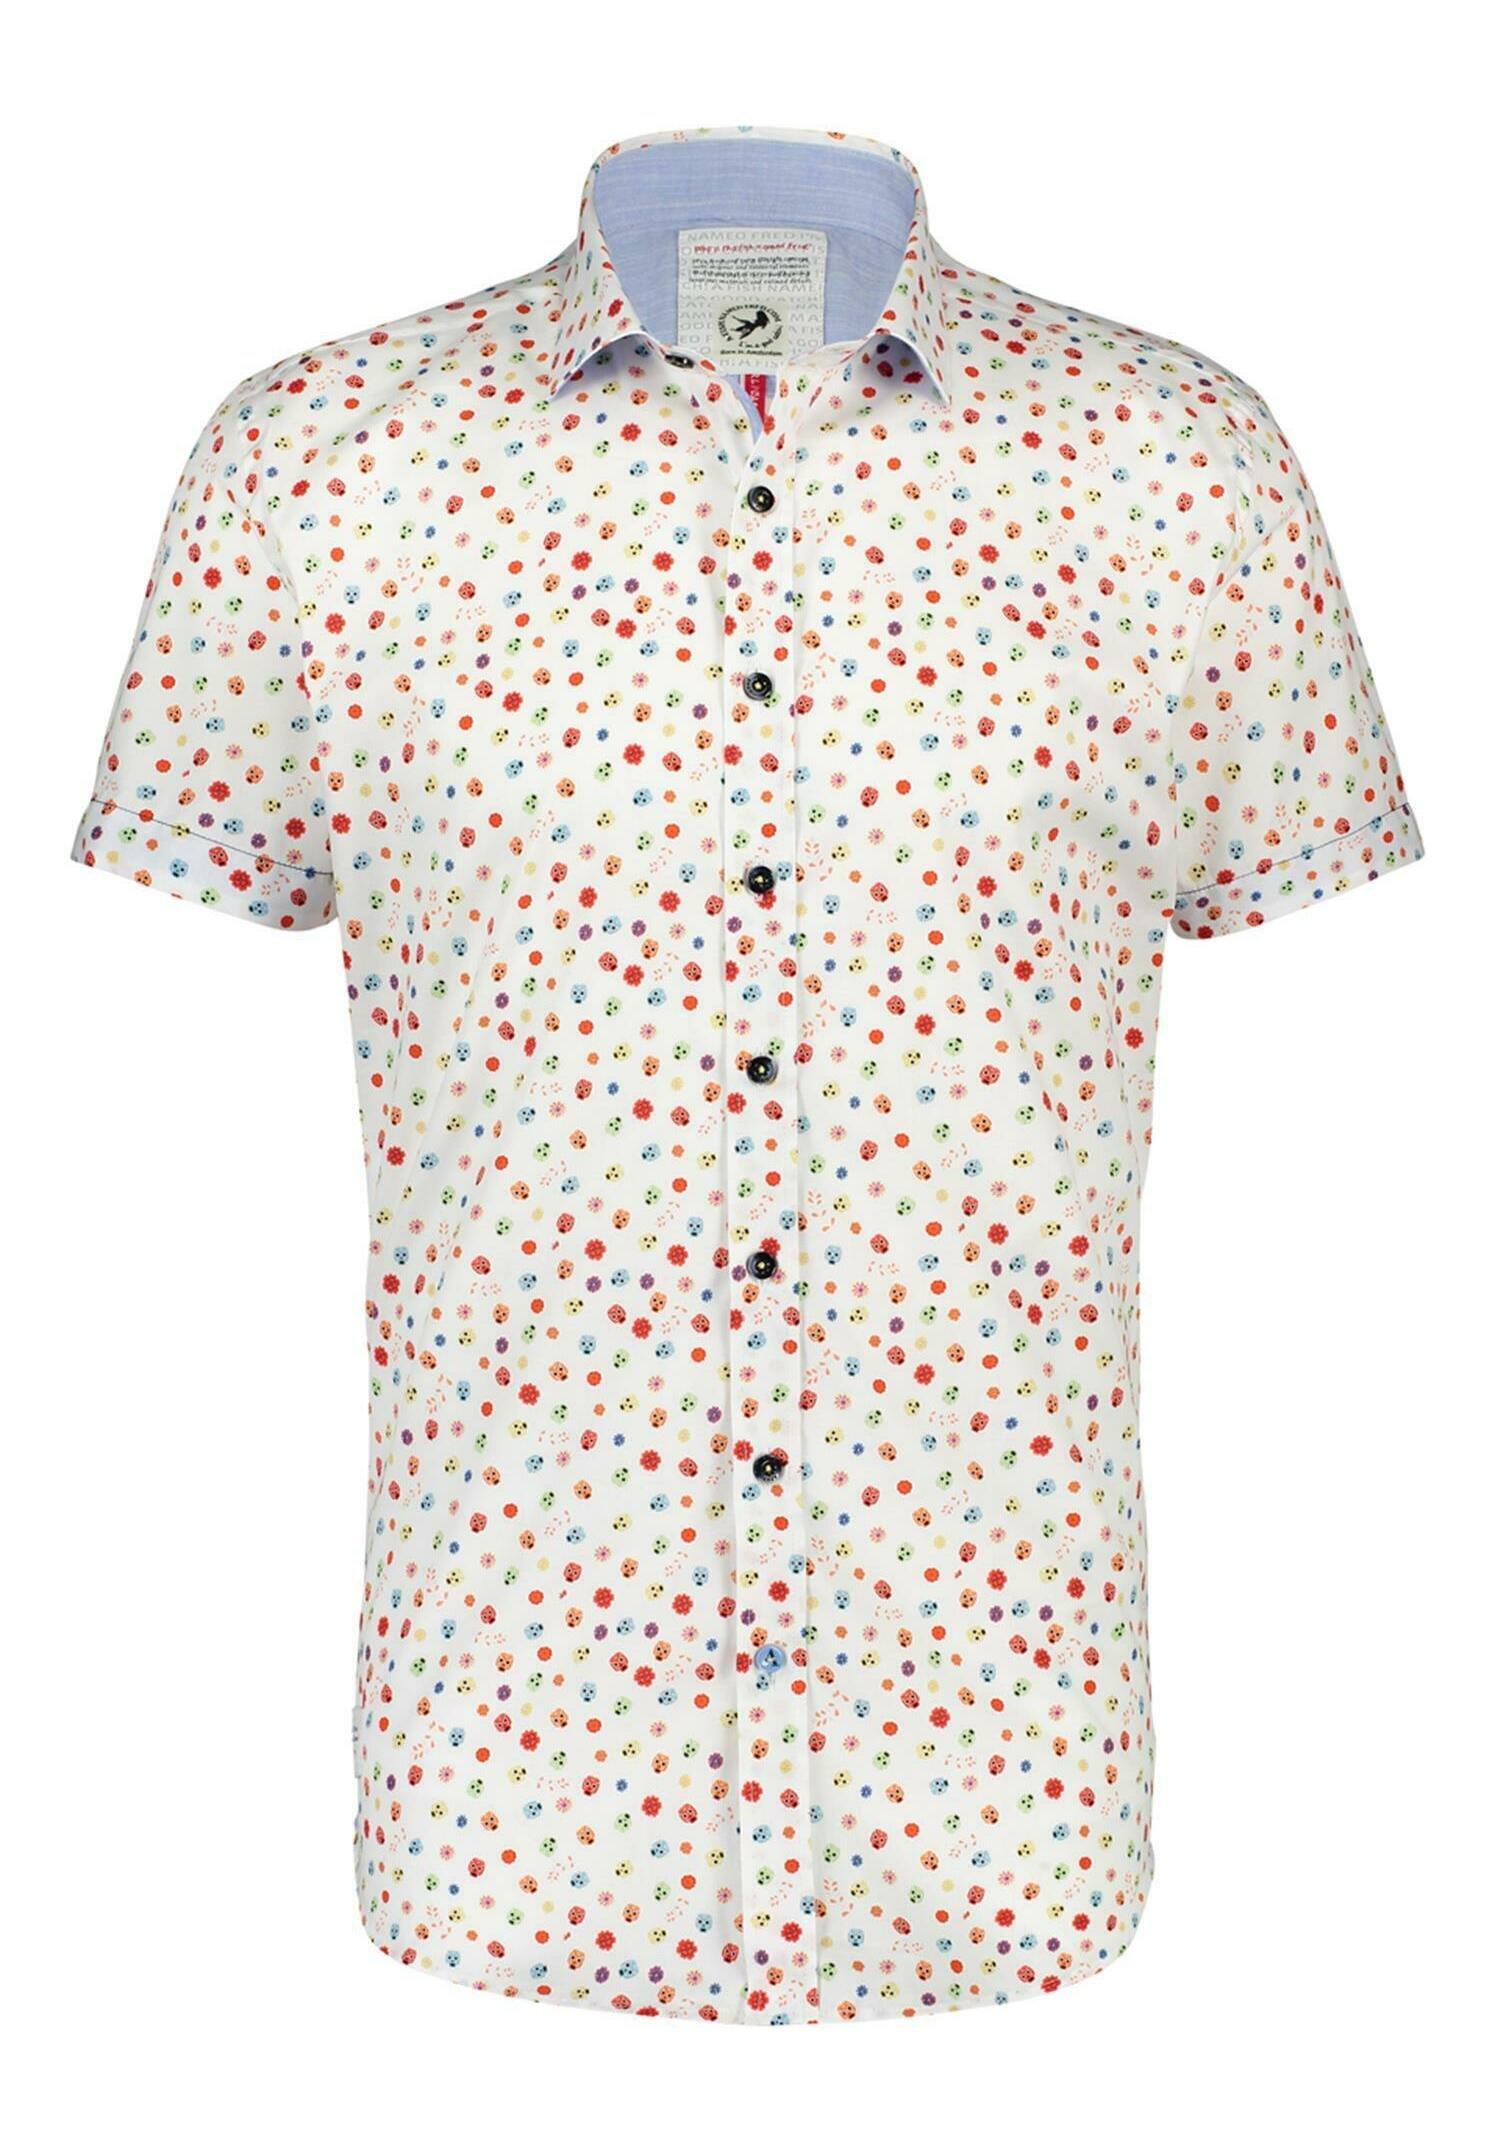 Herren Hemd - white